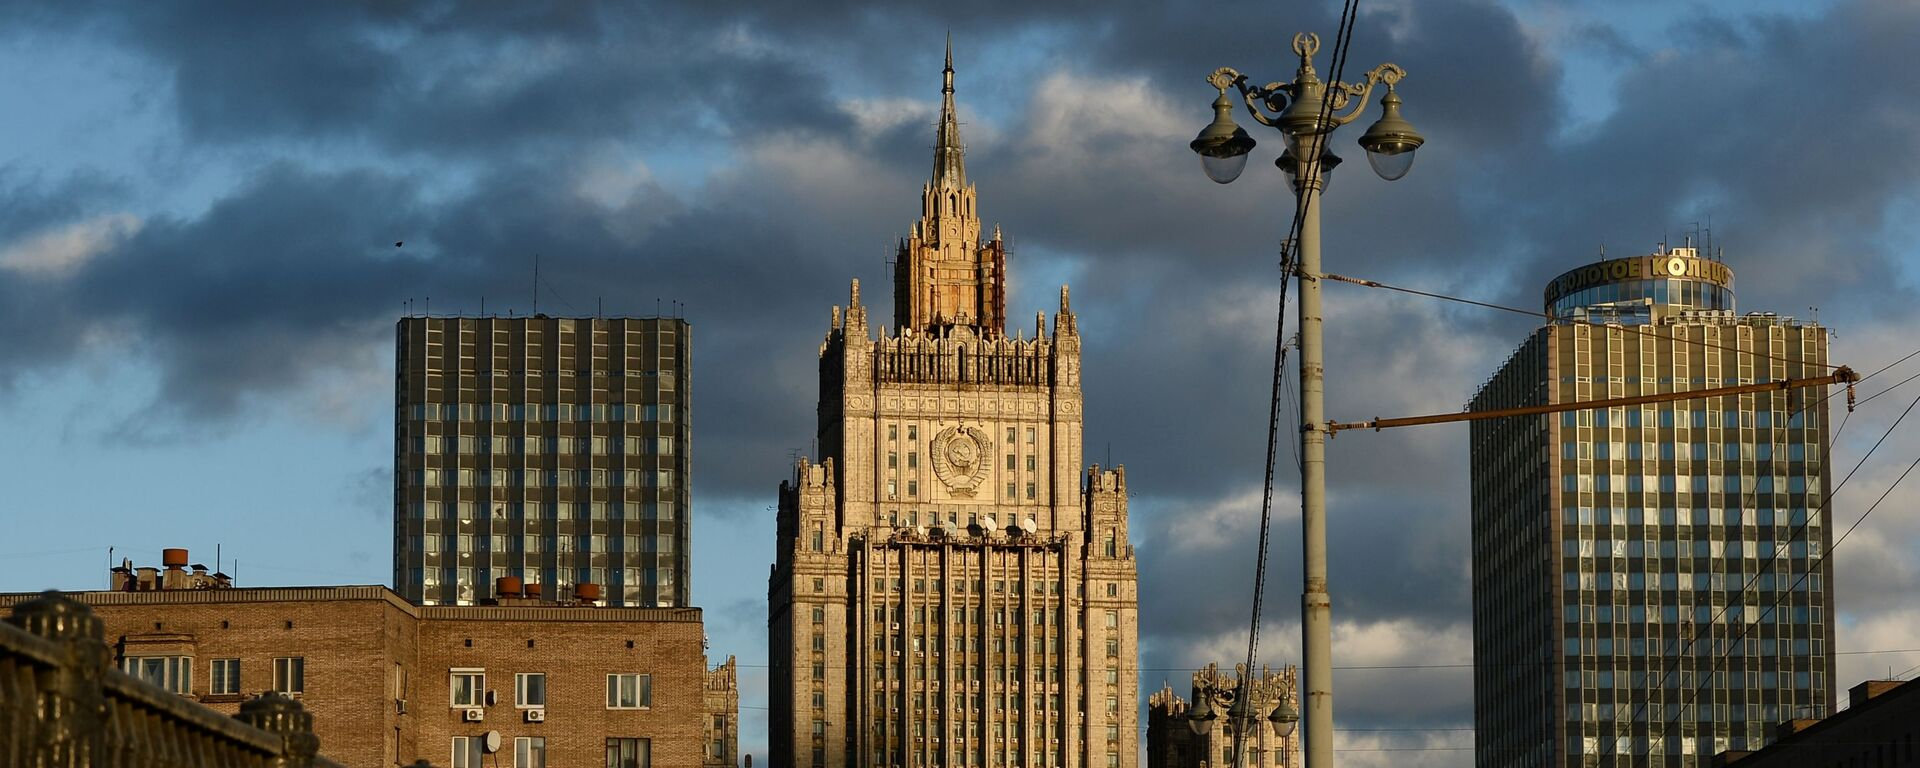 Ministerstvo zahraničí Ruska - Sputnik Česká republika, 1920, 29.04.2021